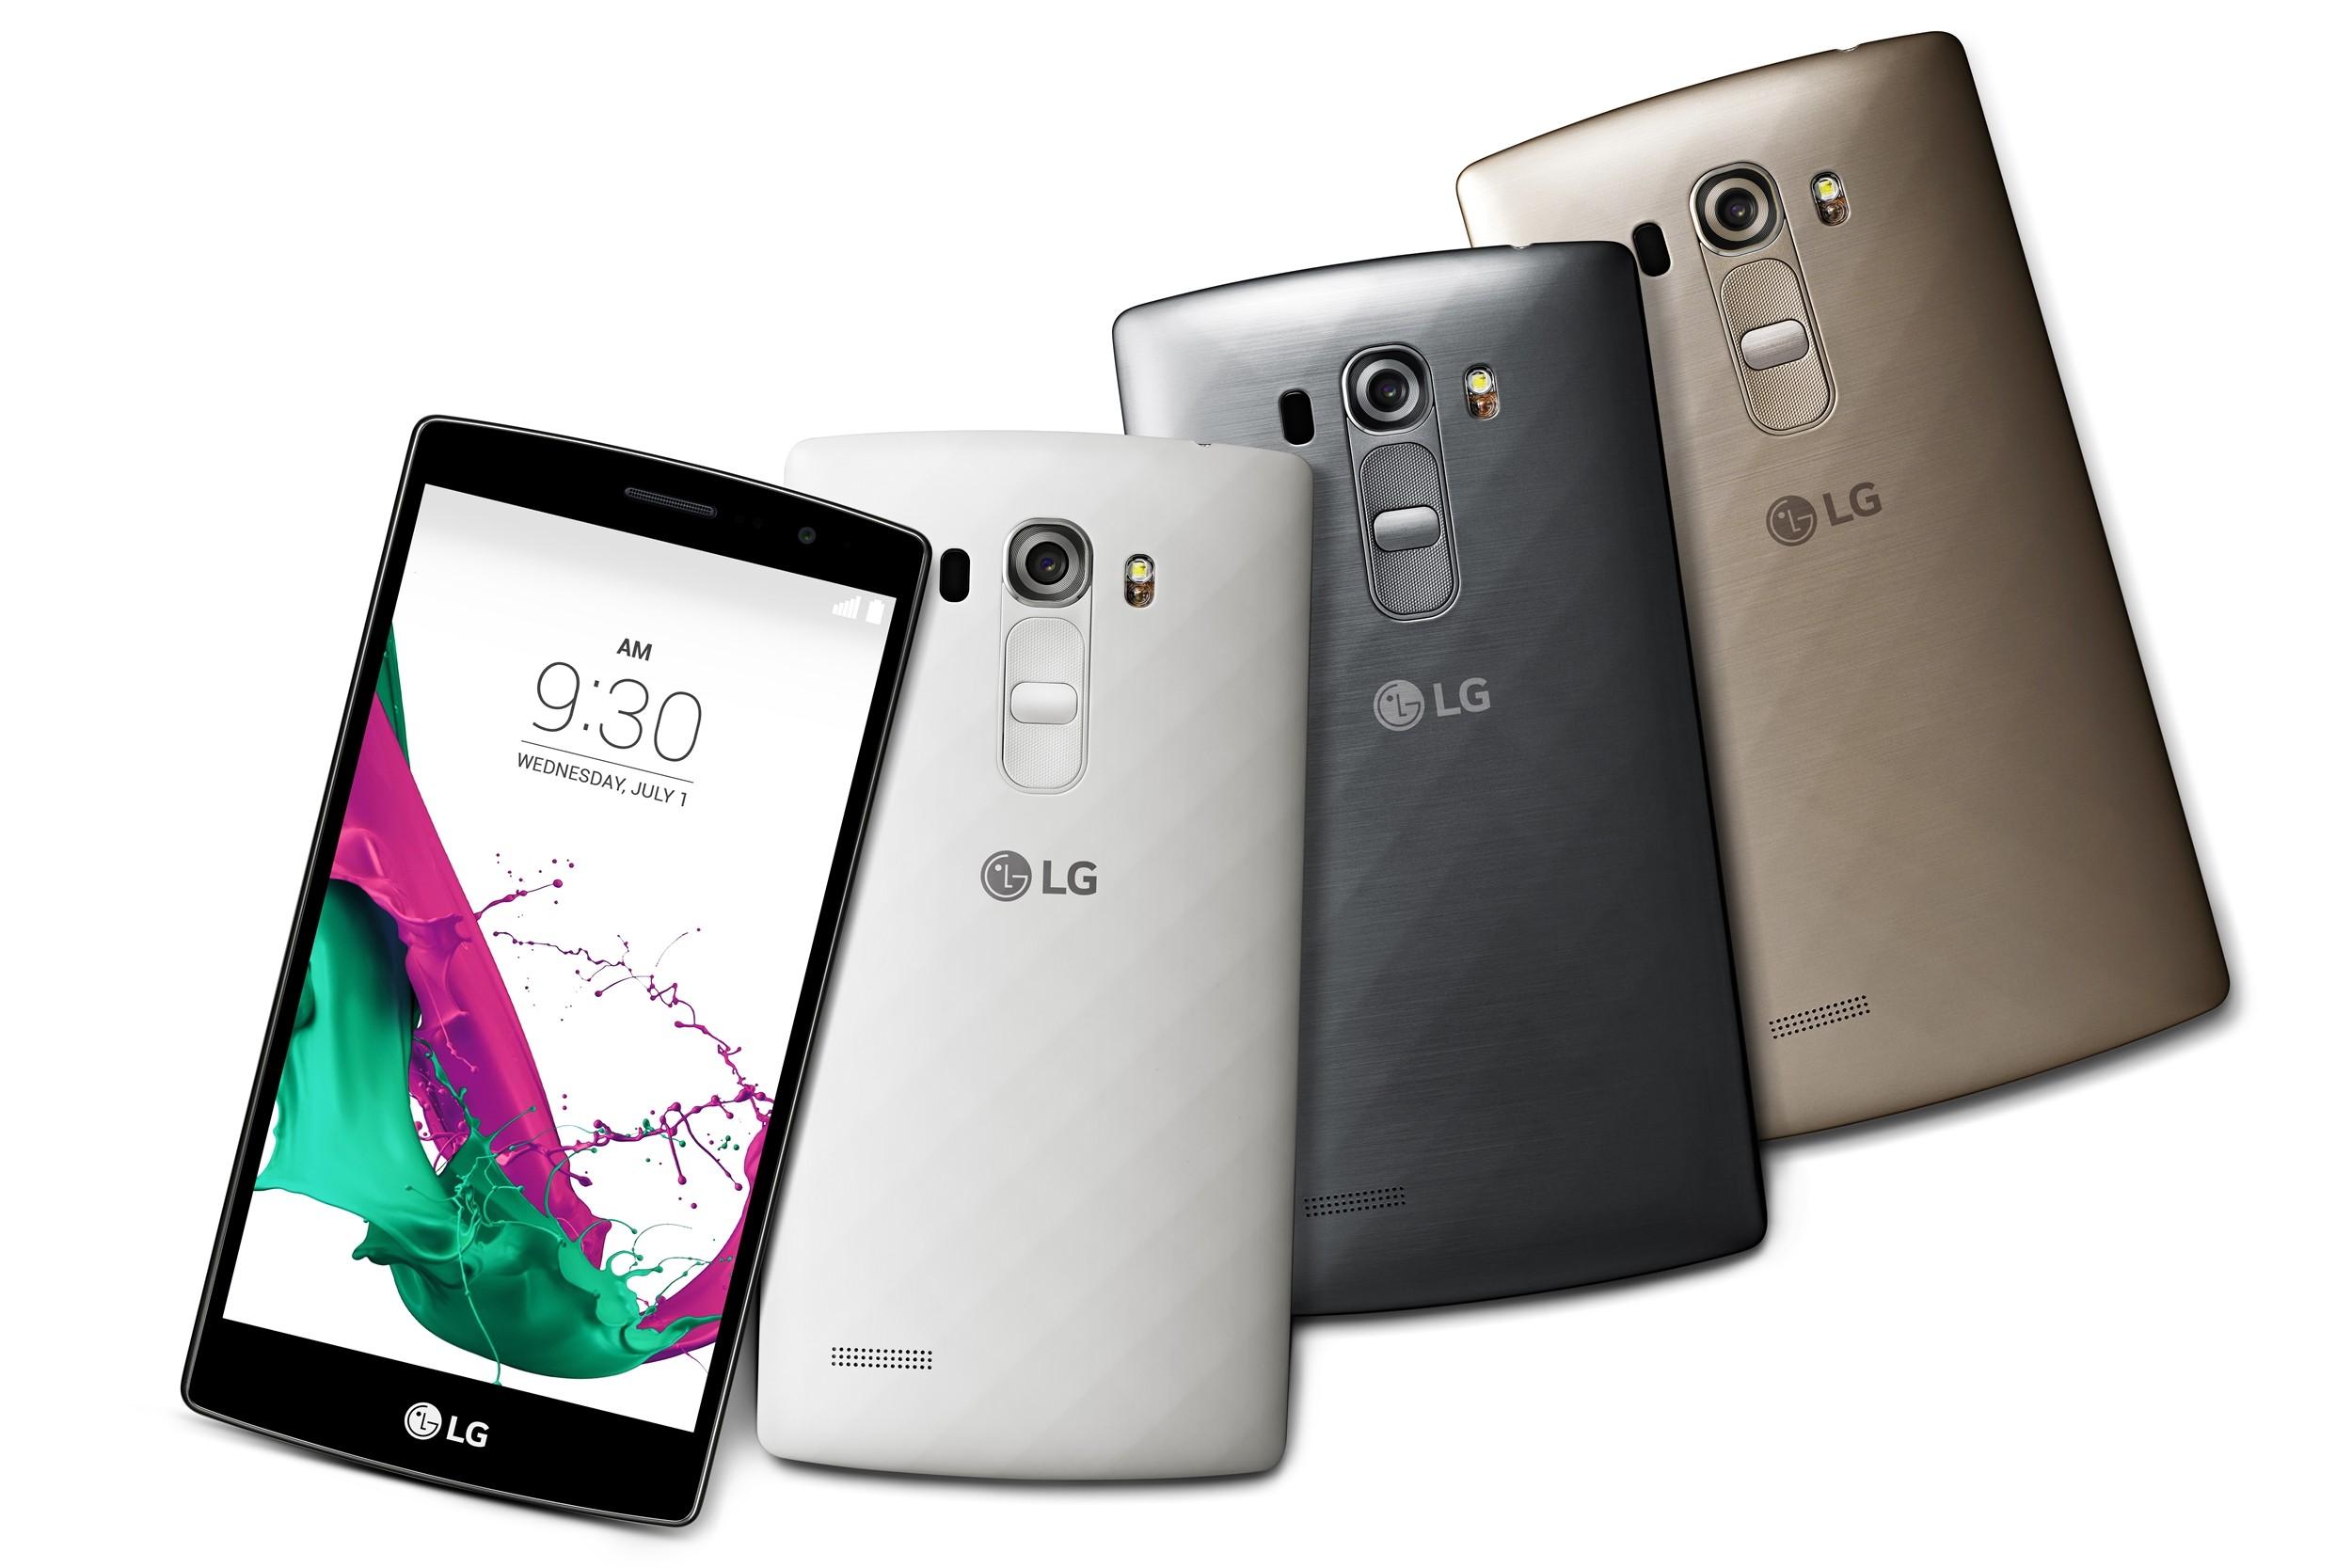 Le LG G4s (G4 Beat) a maintenant un prix : 299 euros